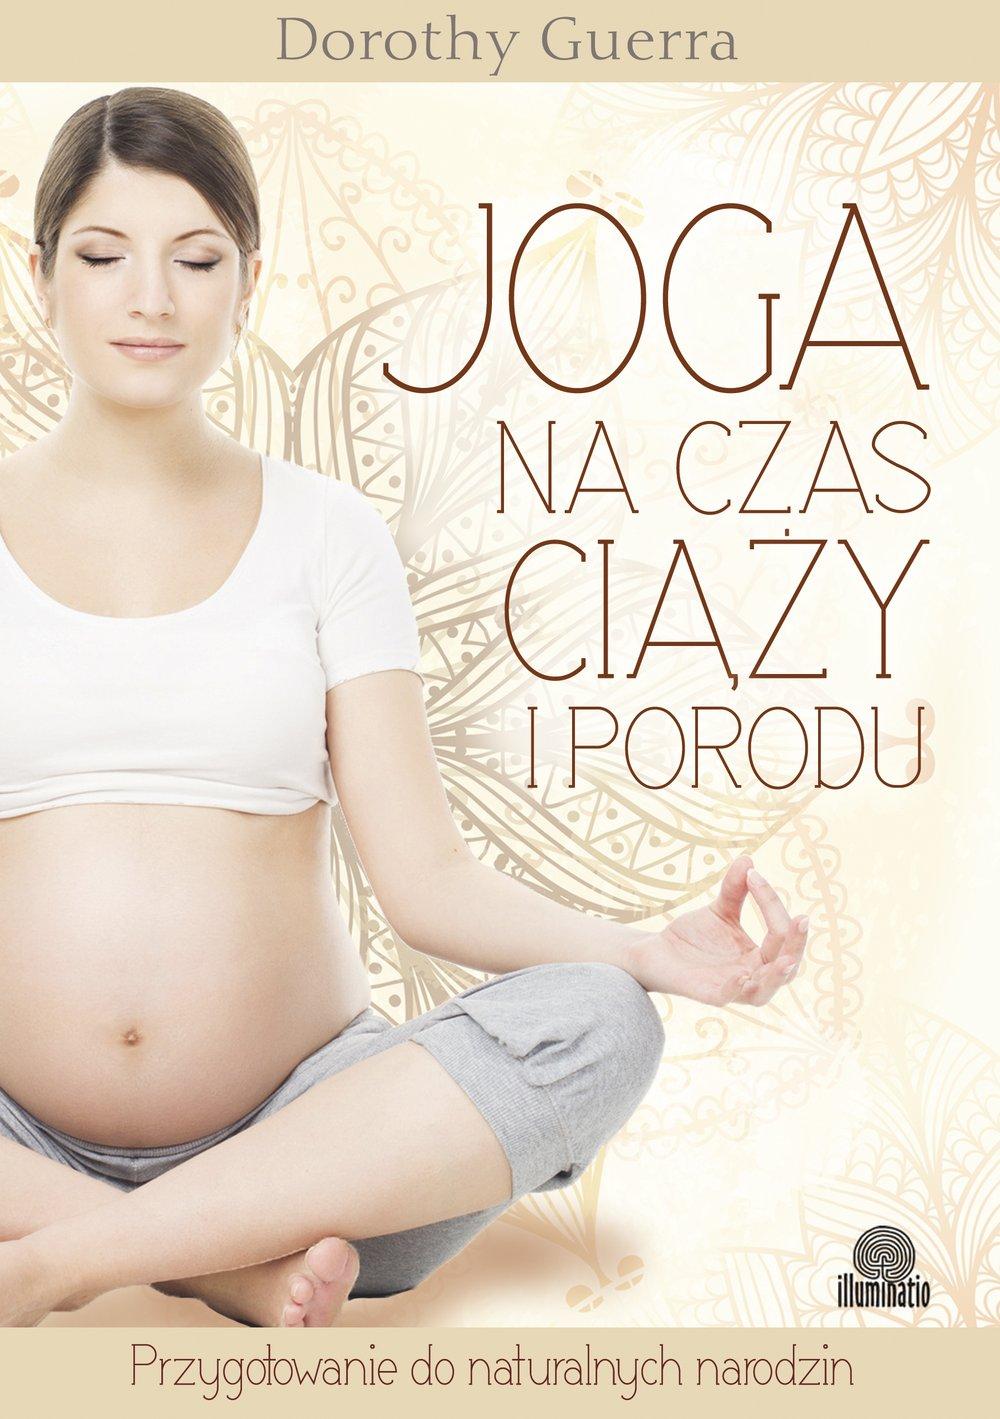 Joga na czas ciąży i porodu. Przygotowanie do naturalnych narodzin - Ebook (Książka na Kindle) do pobrania w formacie MOBI